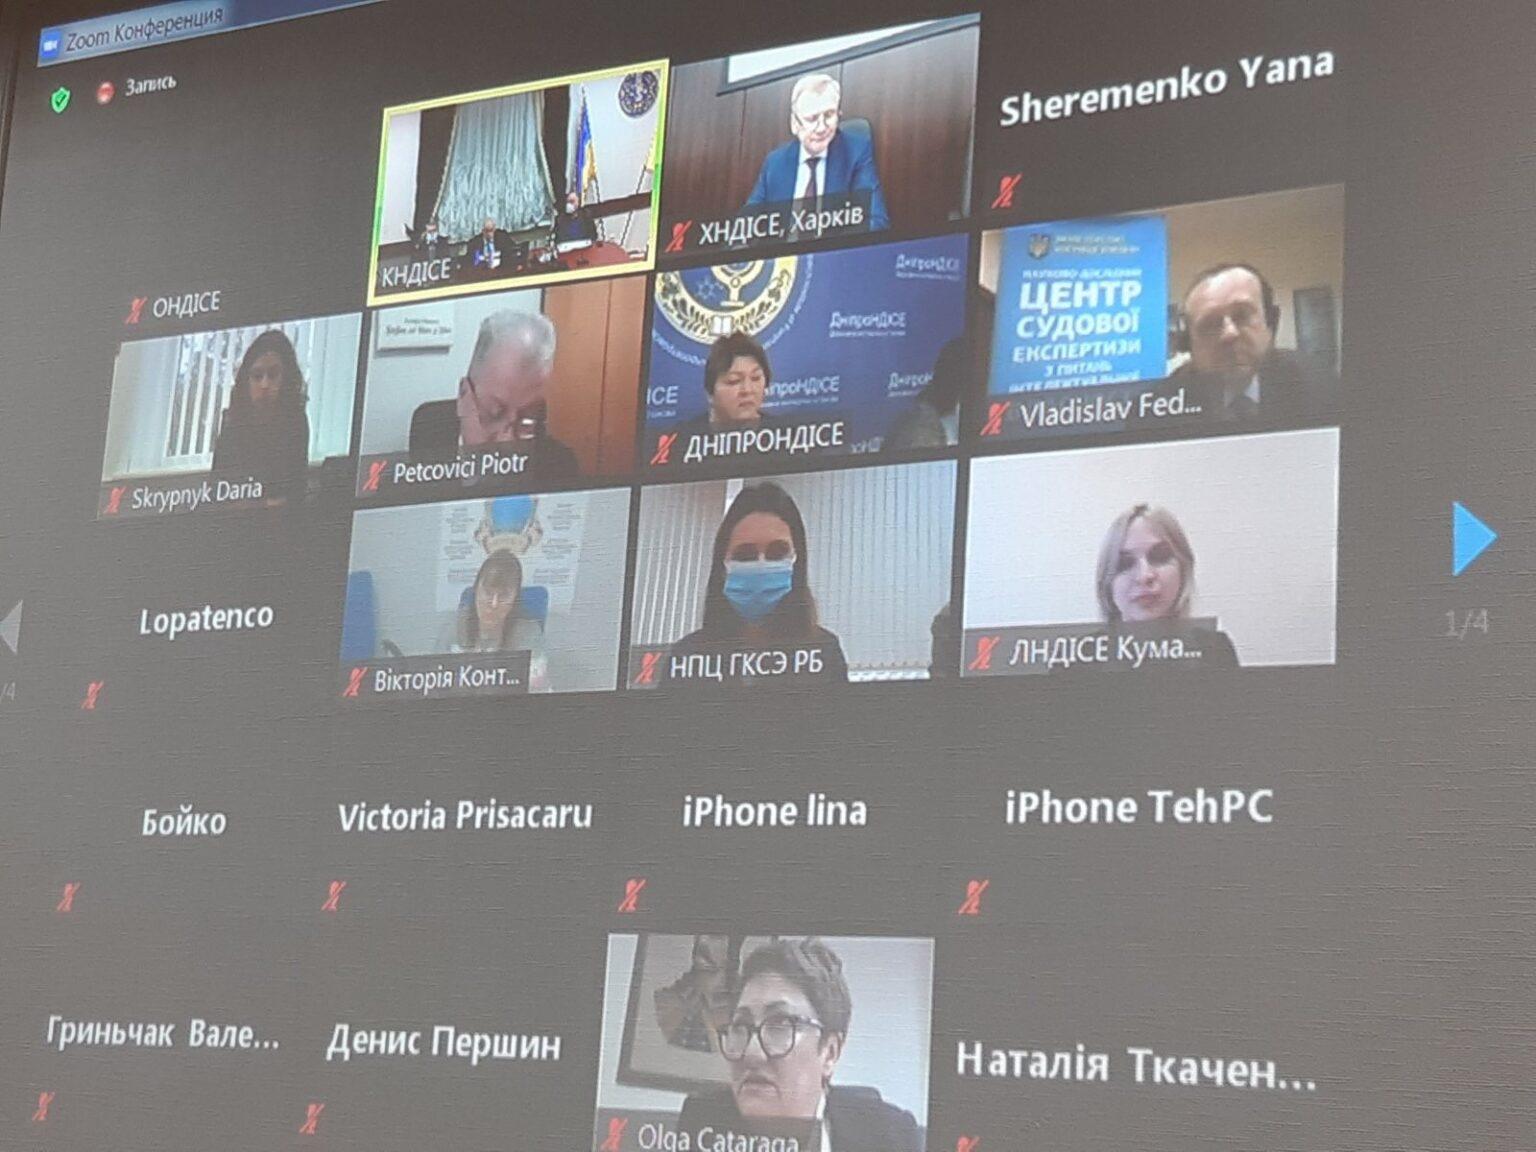 конференція «Сучасні питання криміналістики, судової експертизи та кримінального процесу»